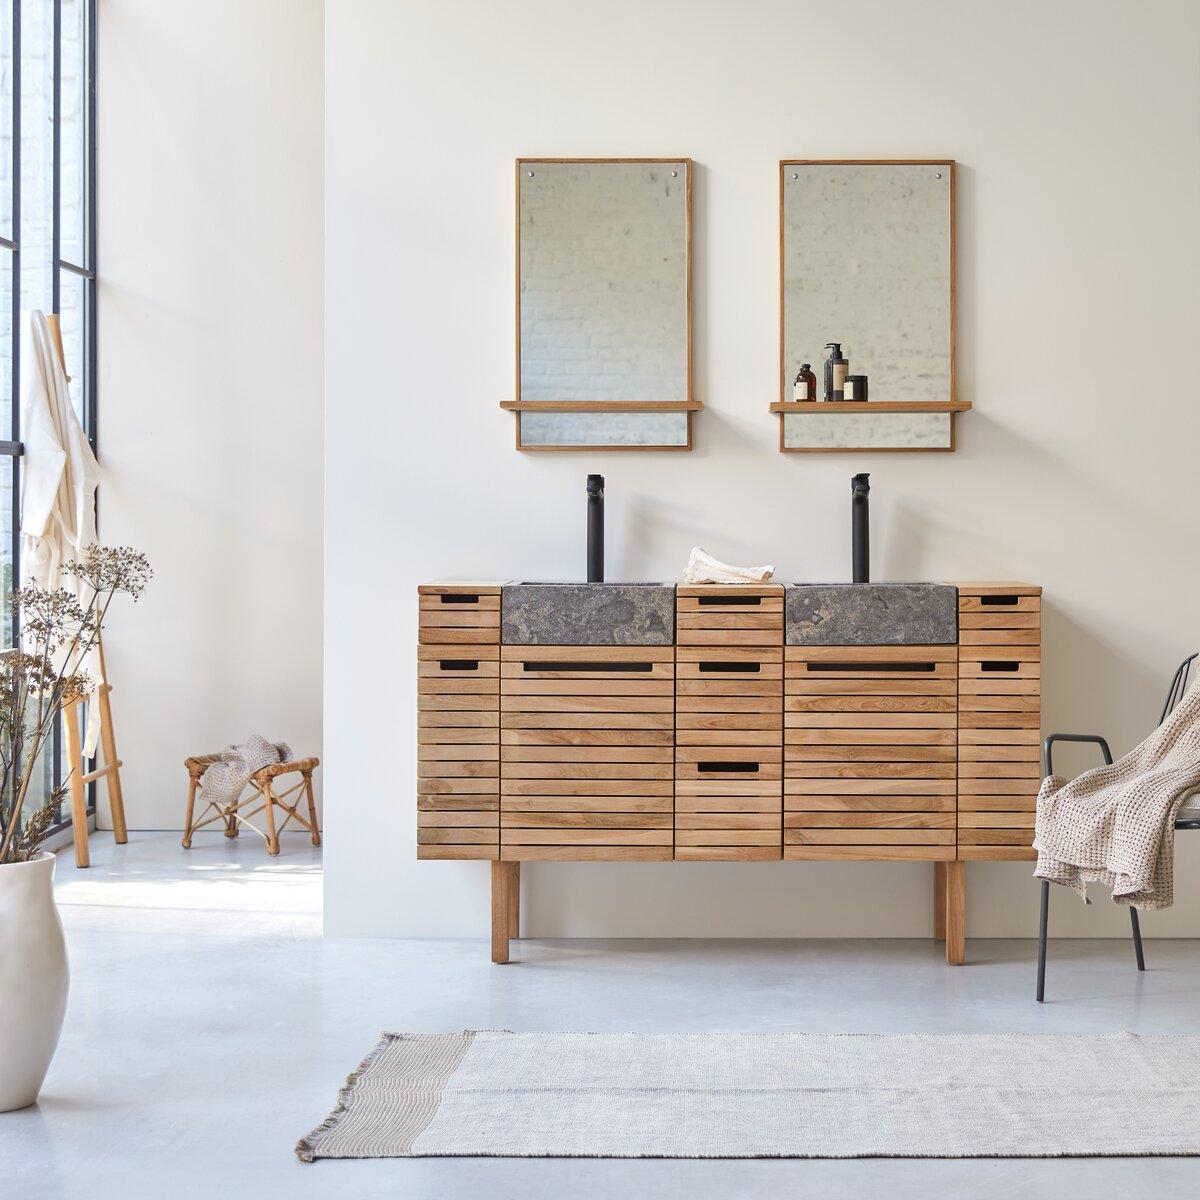 Meuble salle de bain en teck massif et marbre 150